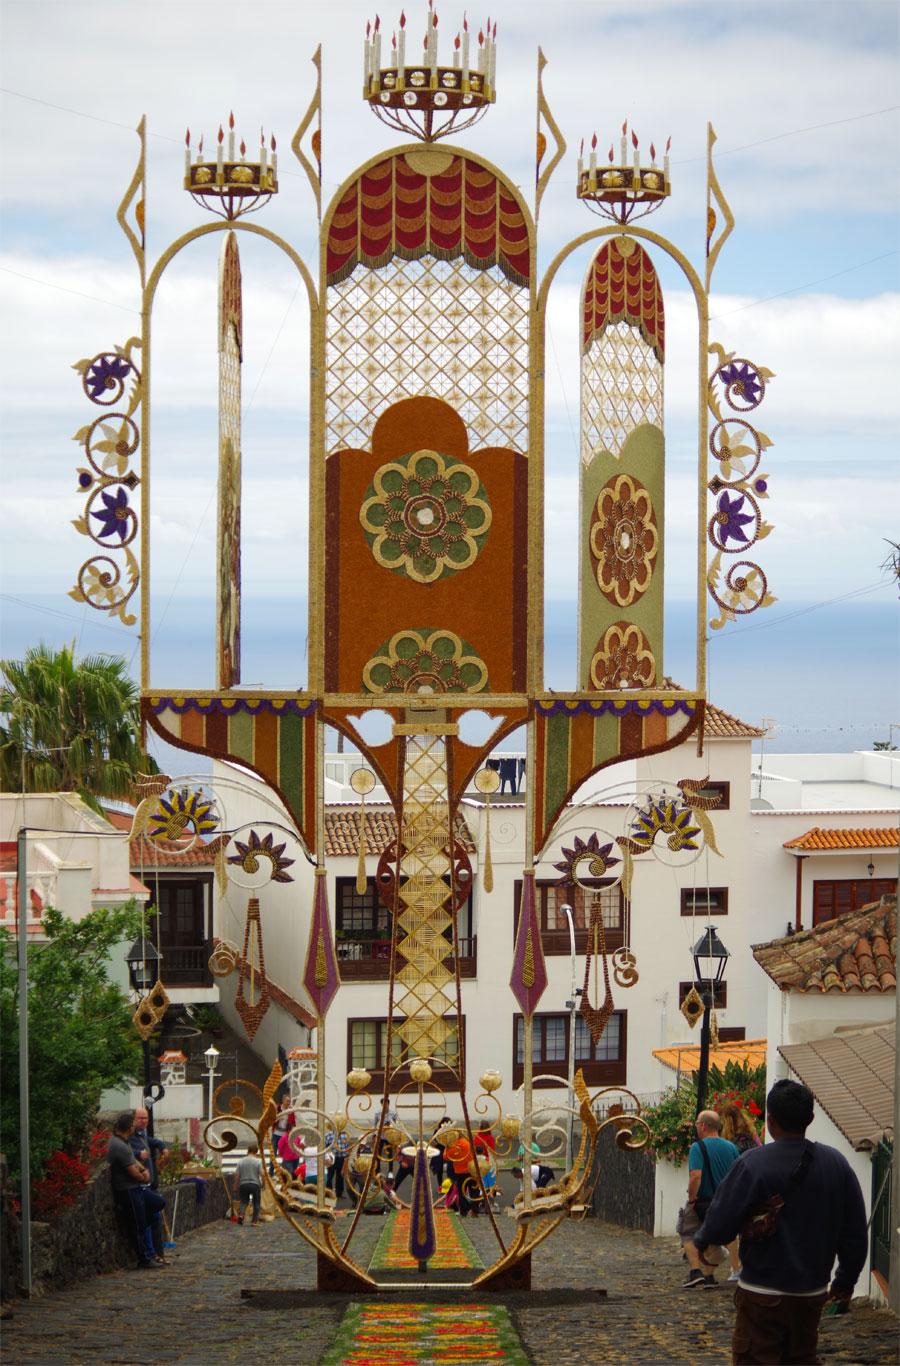 The Corpus Christi archway, Villa de Mazo, La Palma island